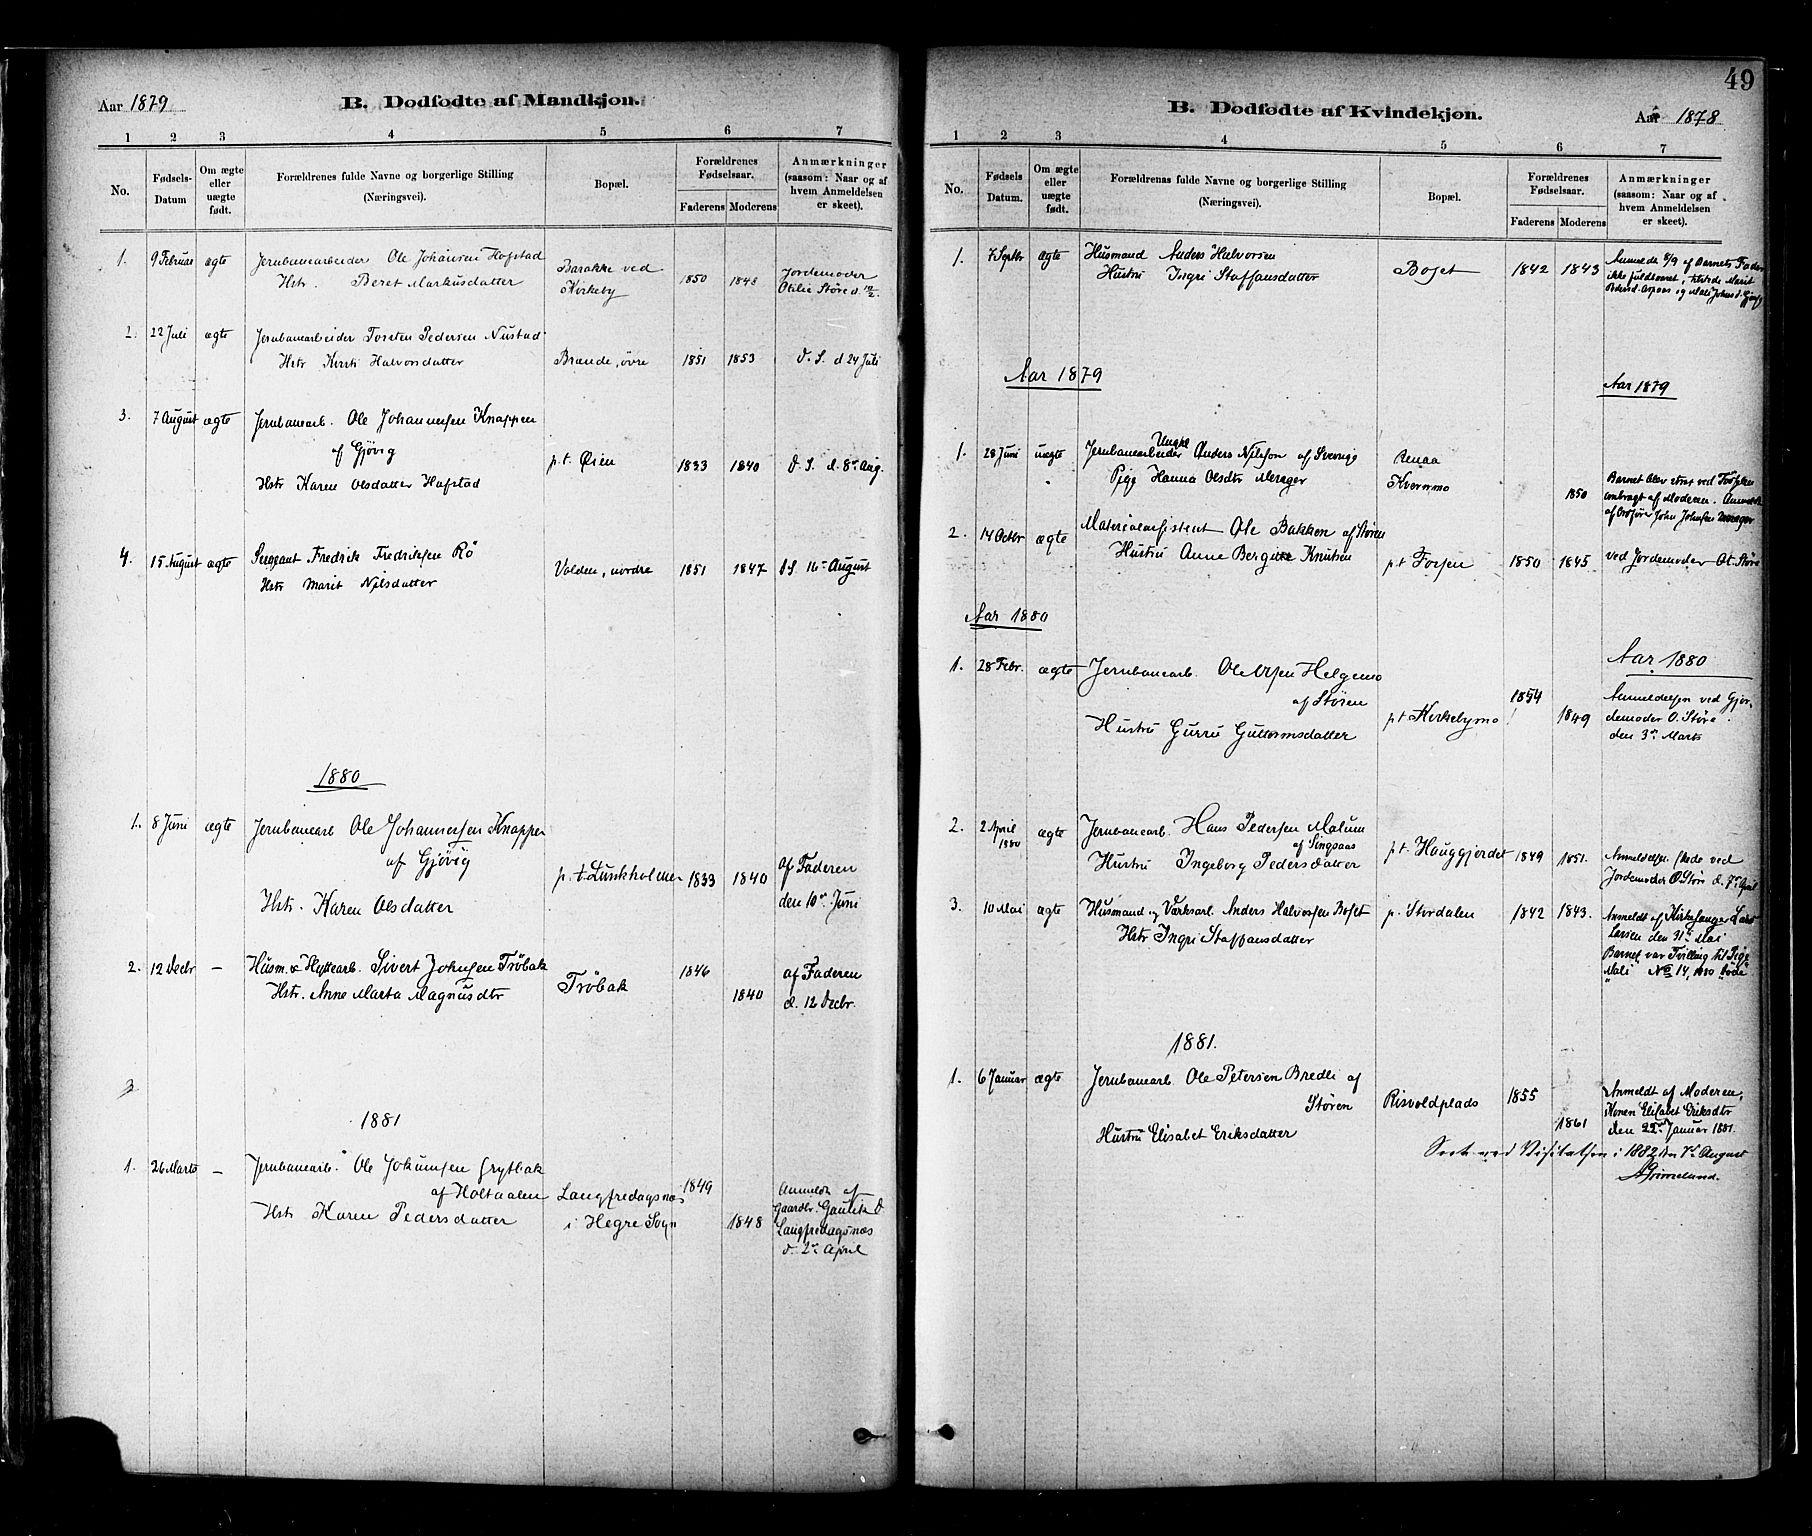 SAT, Ministerialprotokoller, klokkerbøker og fødselsregistre - Nord-Trøndelag, 706/L0047: Parish register (official) no. 706A03, 1878-1892, p. 49